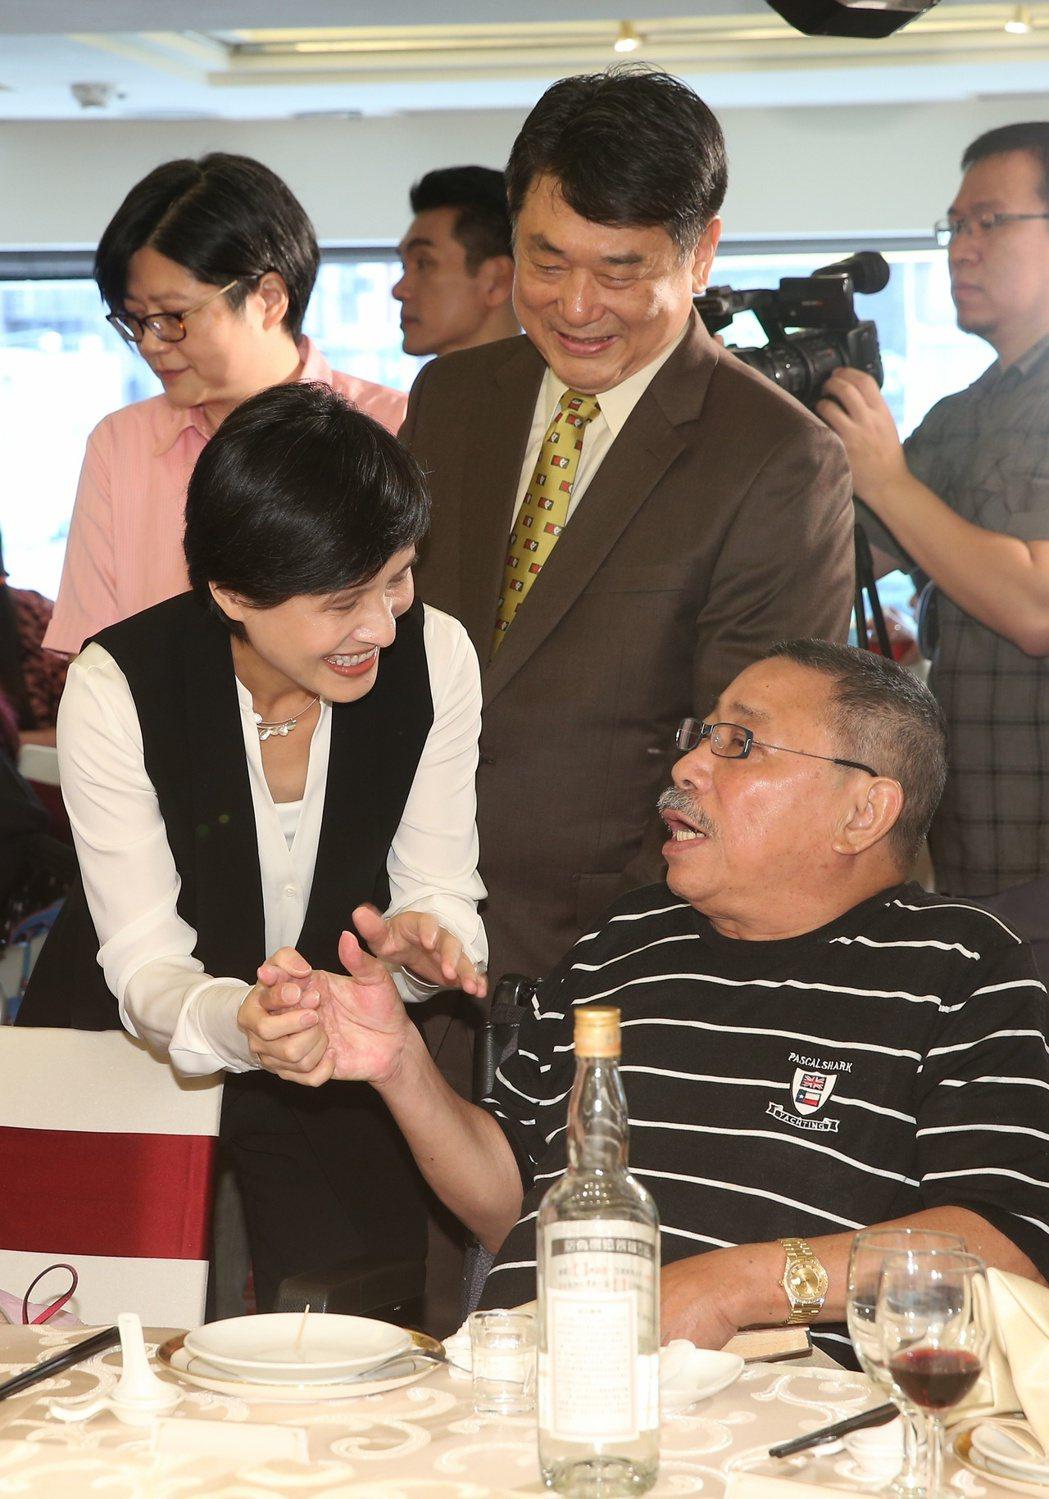 文化部長鄭麗君(左)與陳松勇(右)互祝佳節愉快。記者陳立凱/攝影